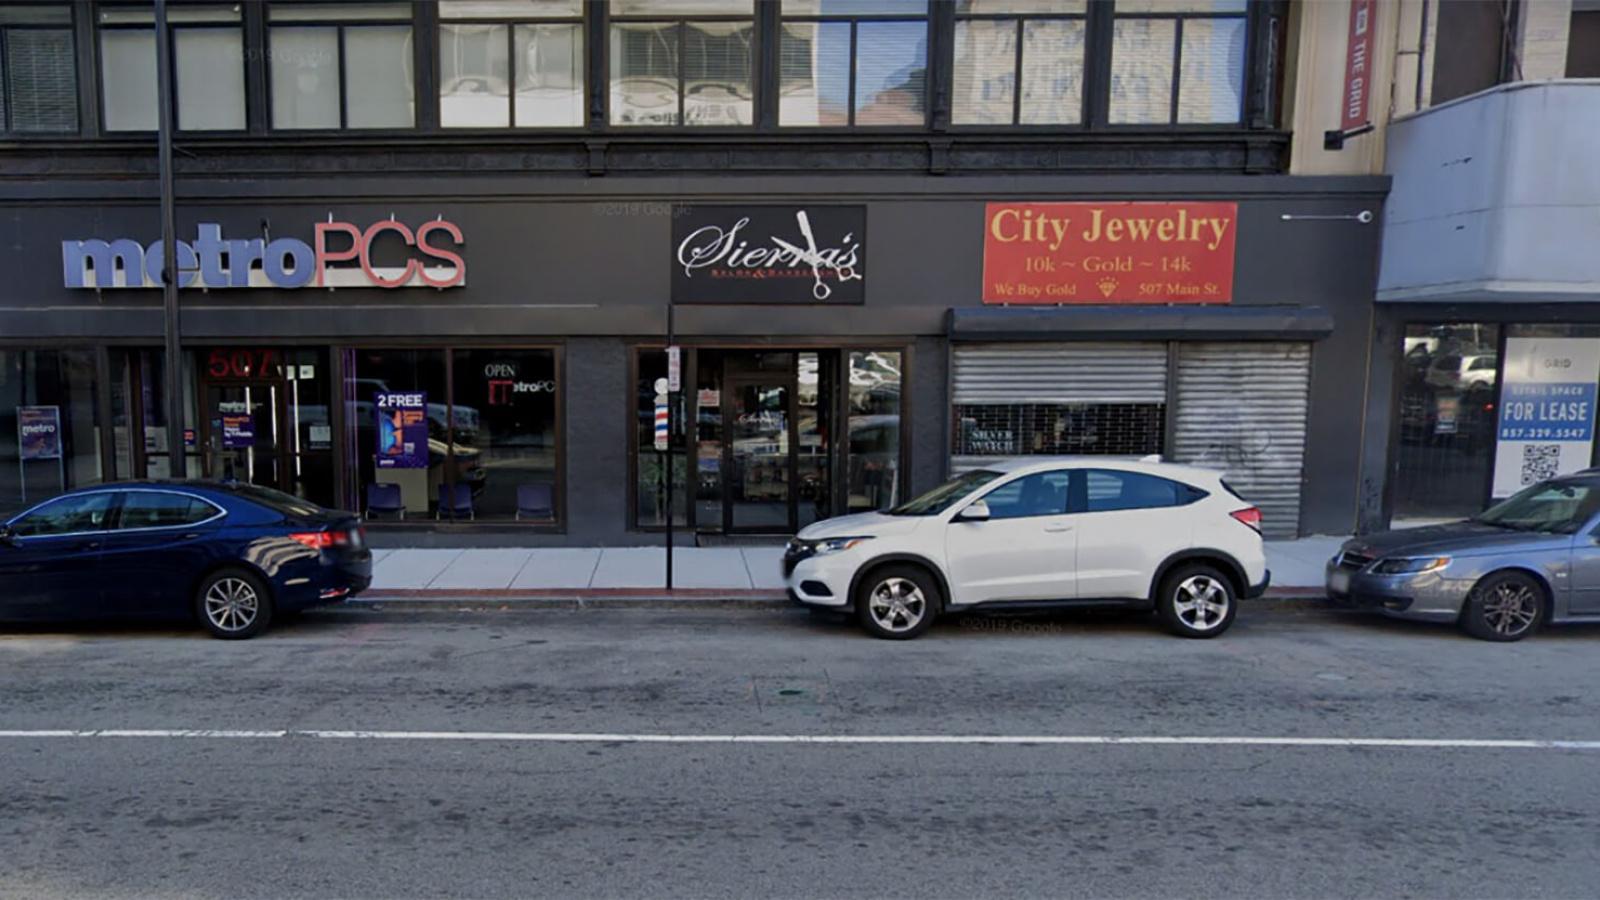 509 Main Street, Worcester, Massachusetts 01608, Retail / Restaurant,For Lease,Main Street,1316